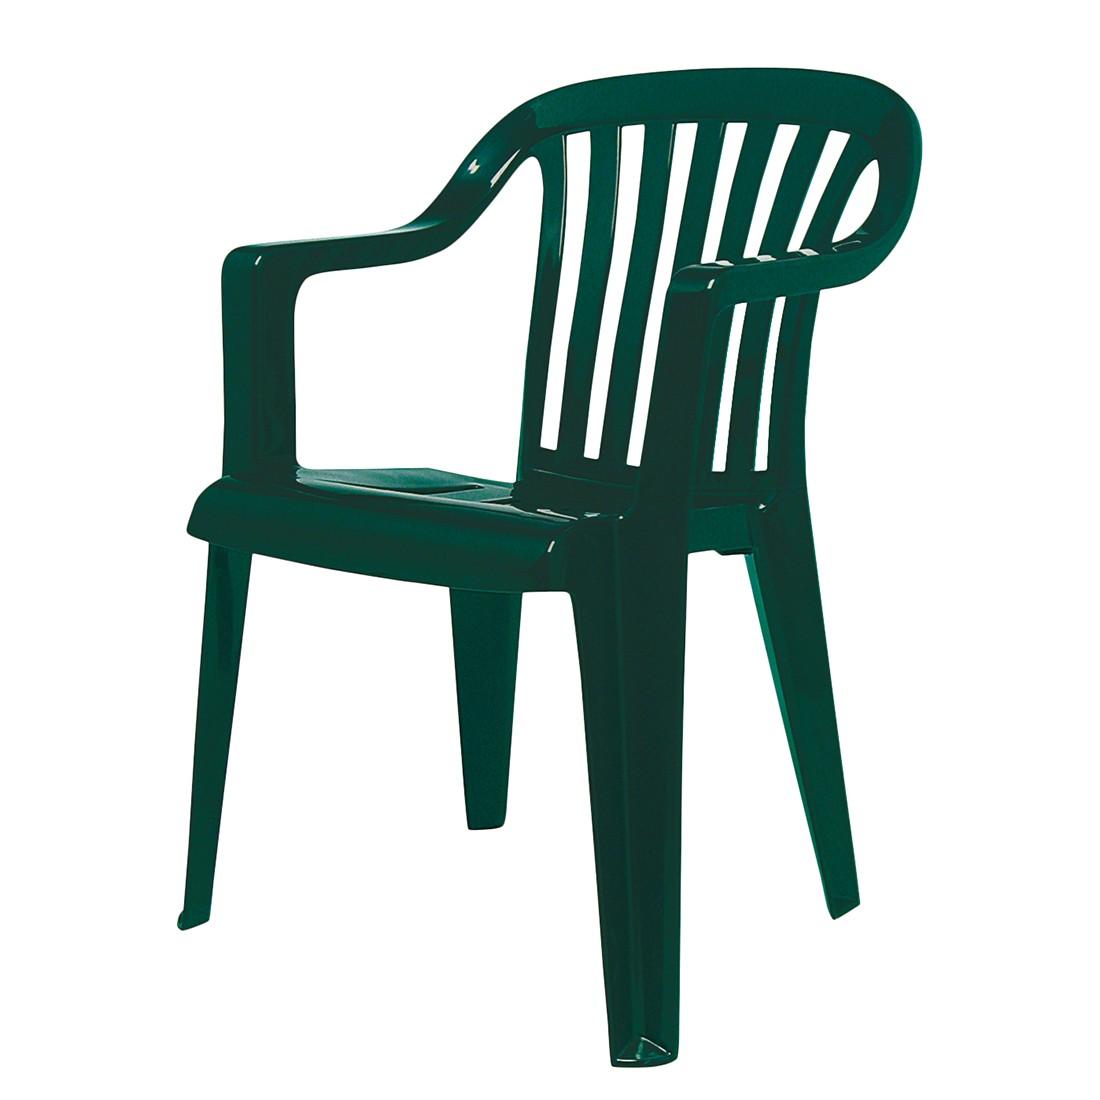 Stapelstuhl Memphis - Kunststoff - Grün, Best Freizeitmöbel